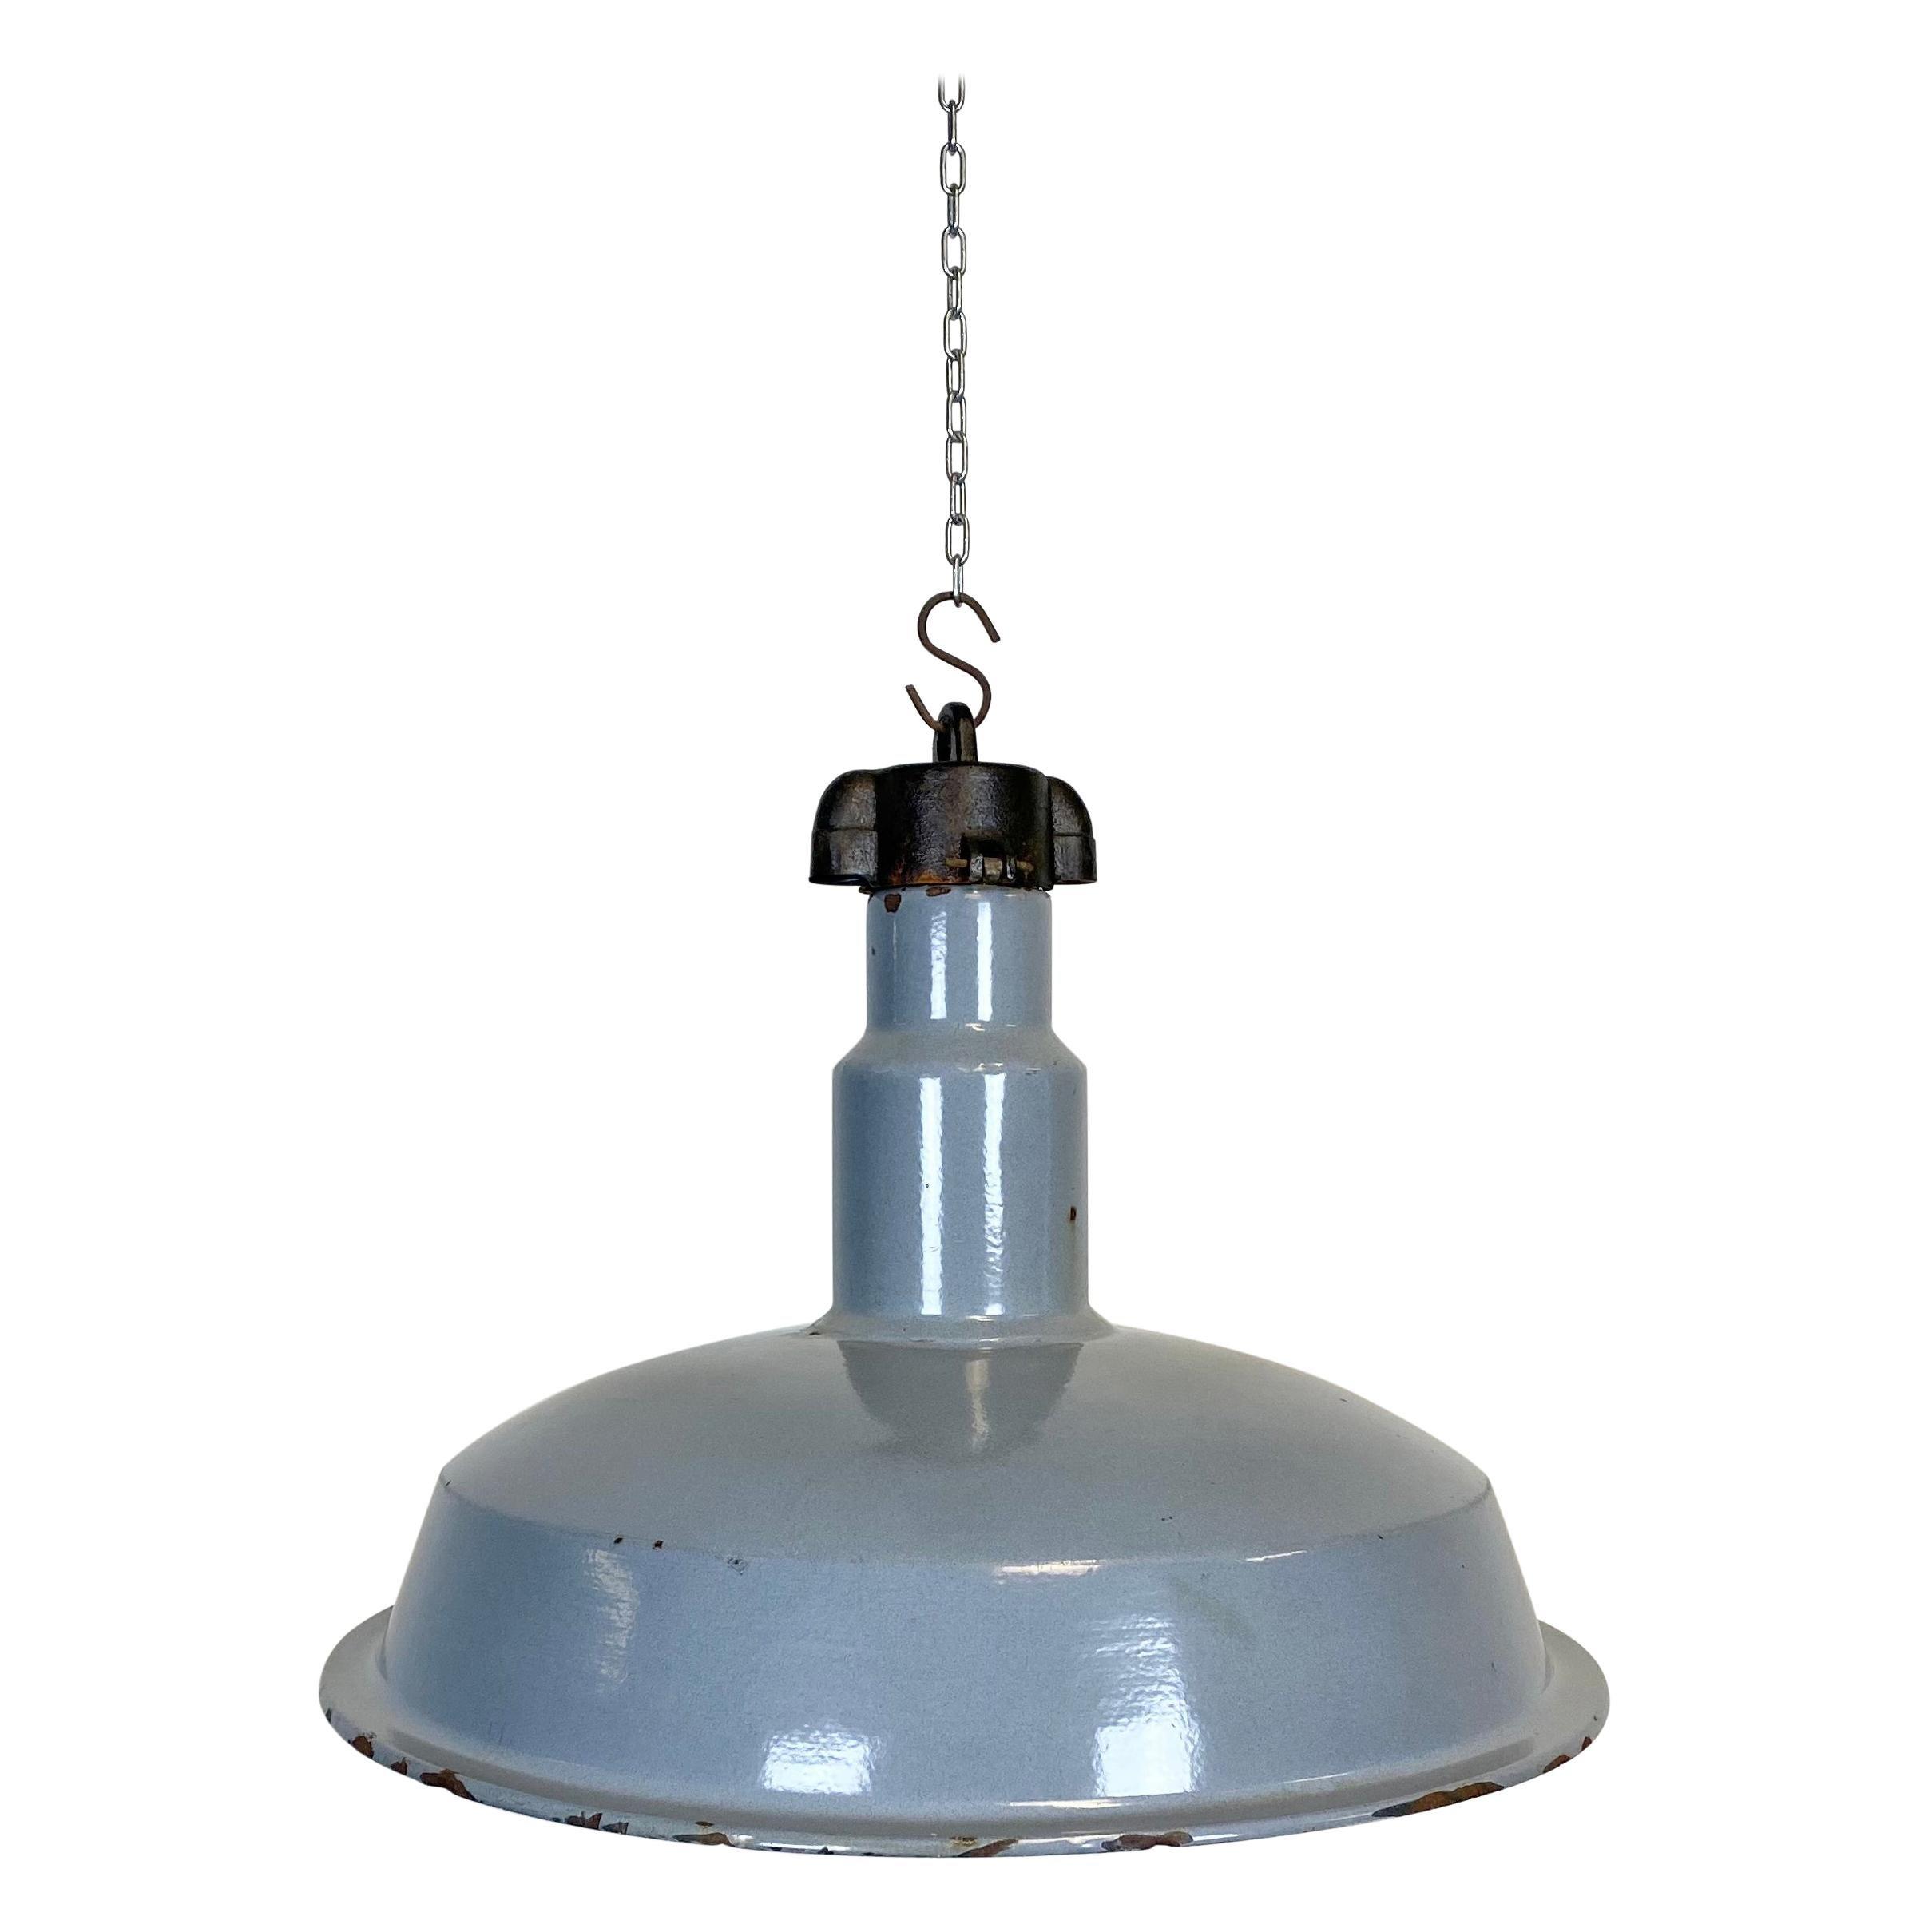 Midcentury Industrial Grey Enameled Factory Lamp, 1950s